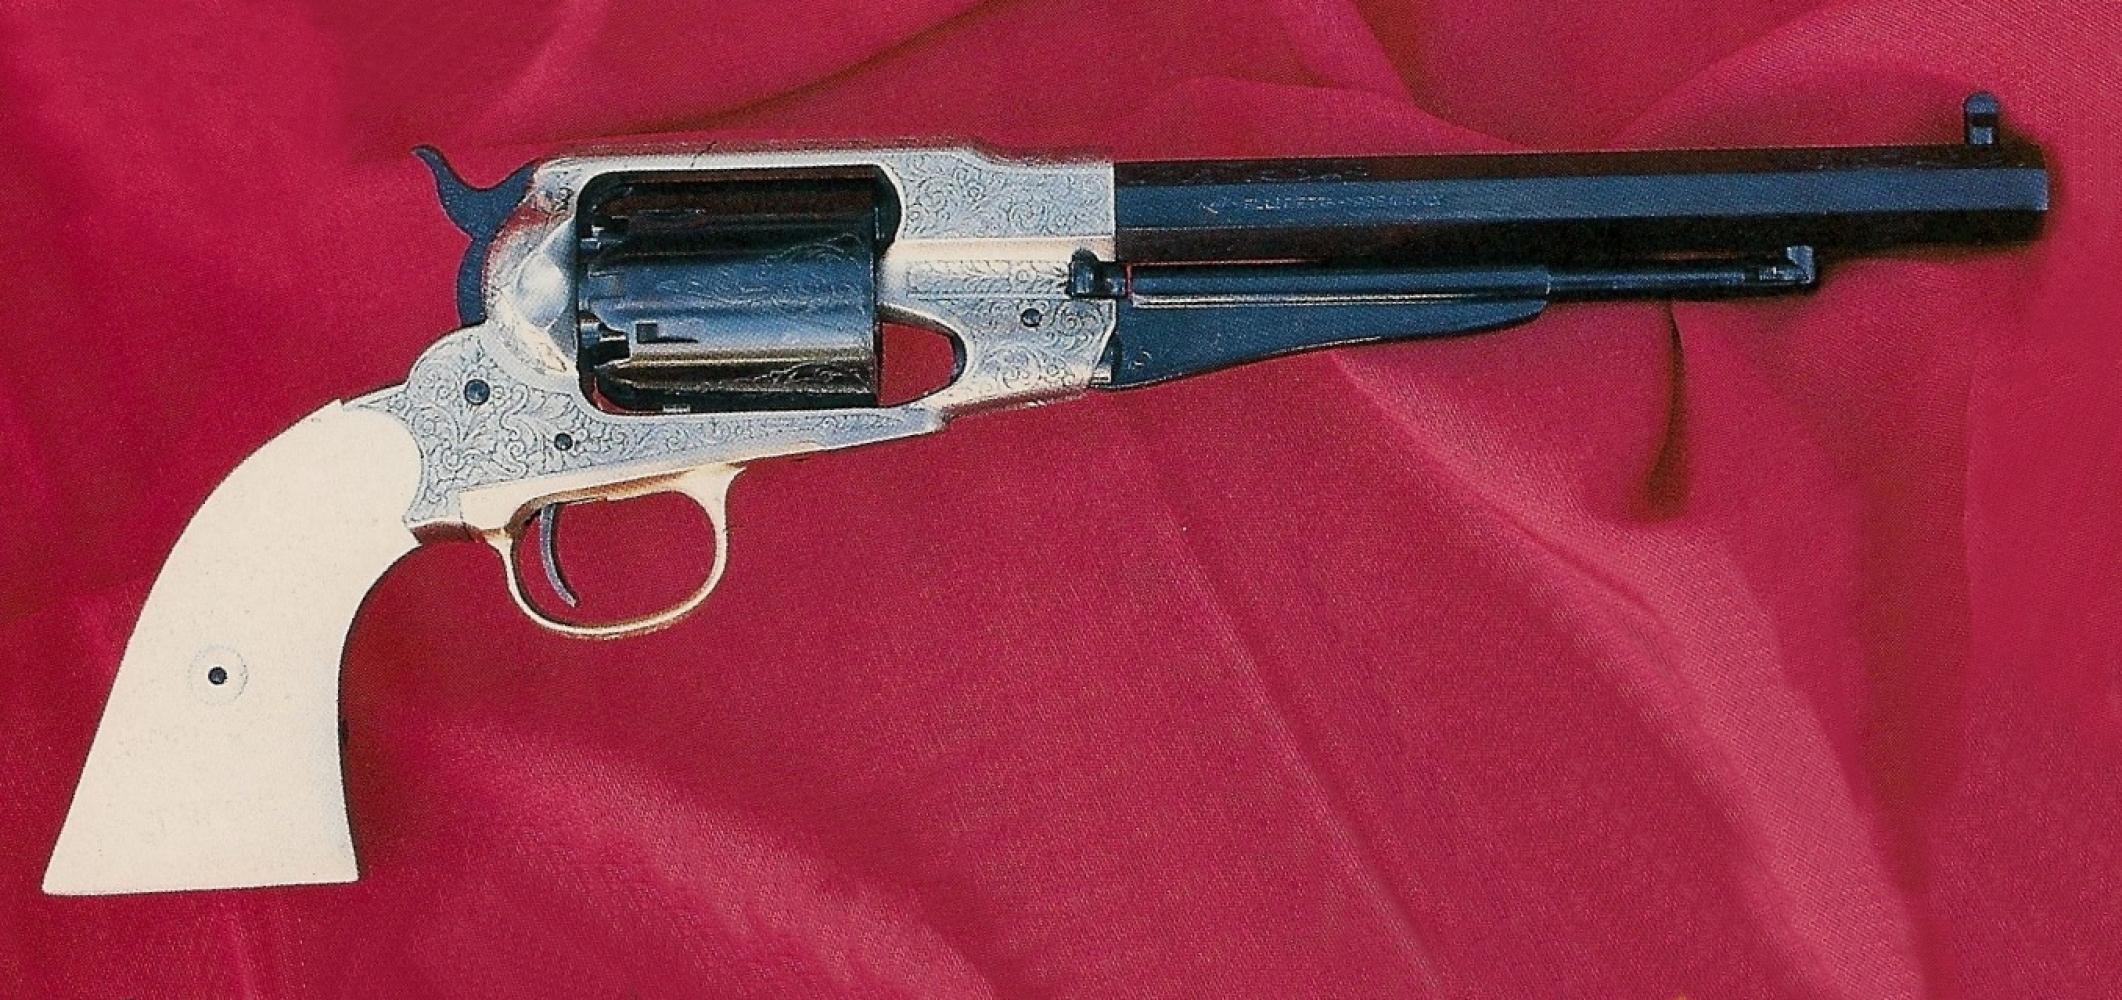 Cette version bicolore du revolver remington New Model Army est entièrement gravée en rinceaux, polie blanc au niveau de la carcasse, bronze sur le canon, le barillet et les différentes pièces du mécanisme.